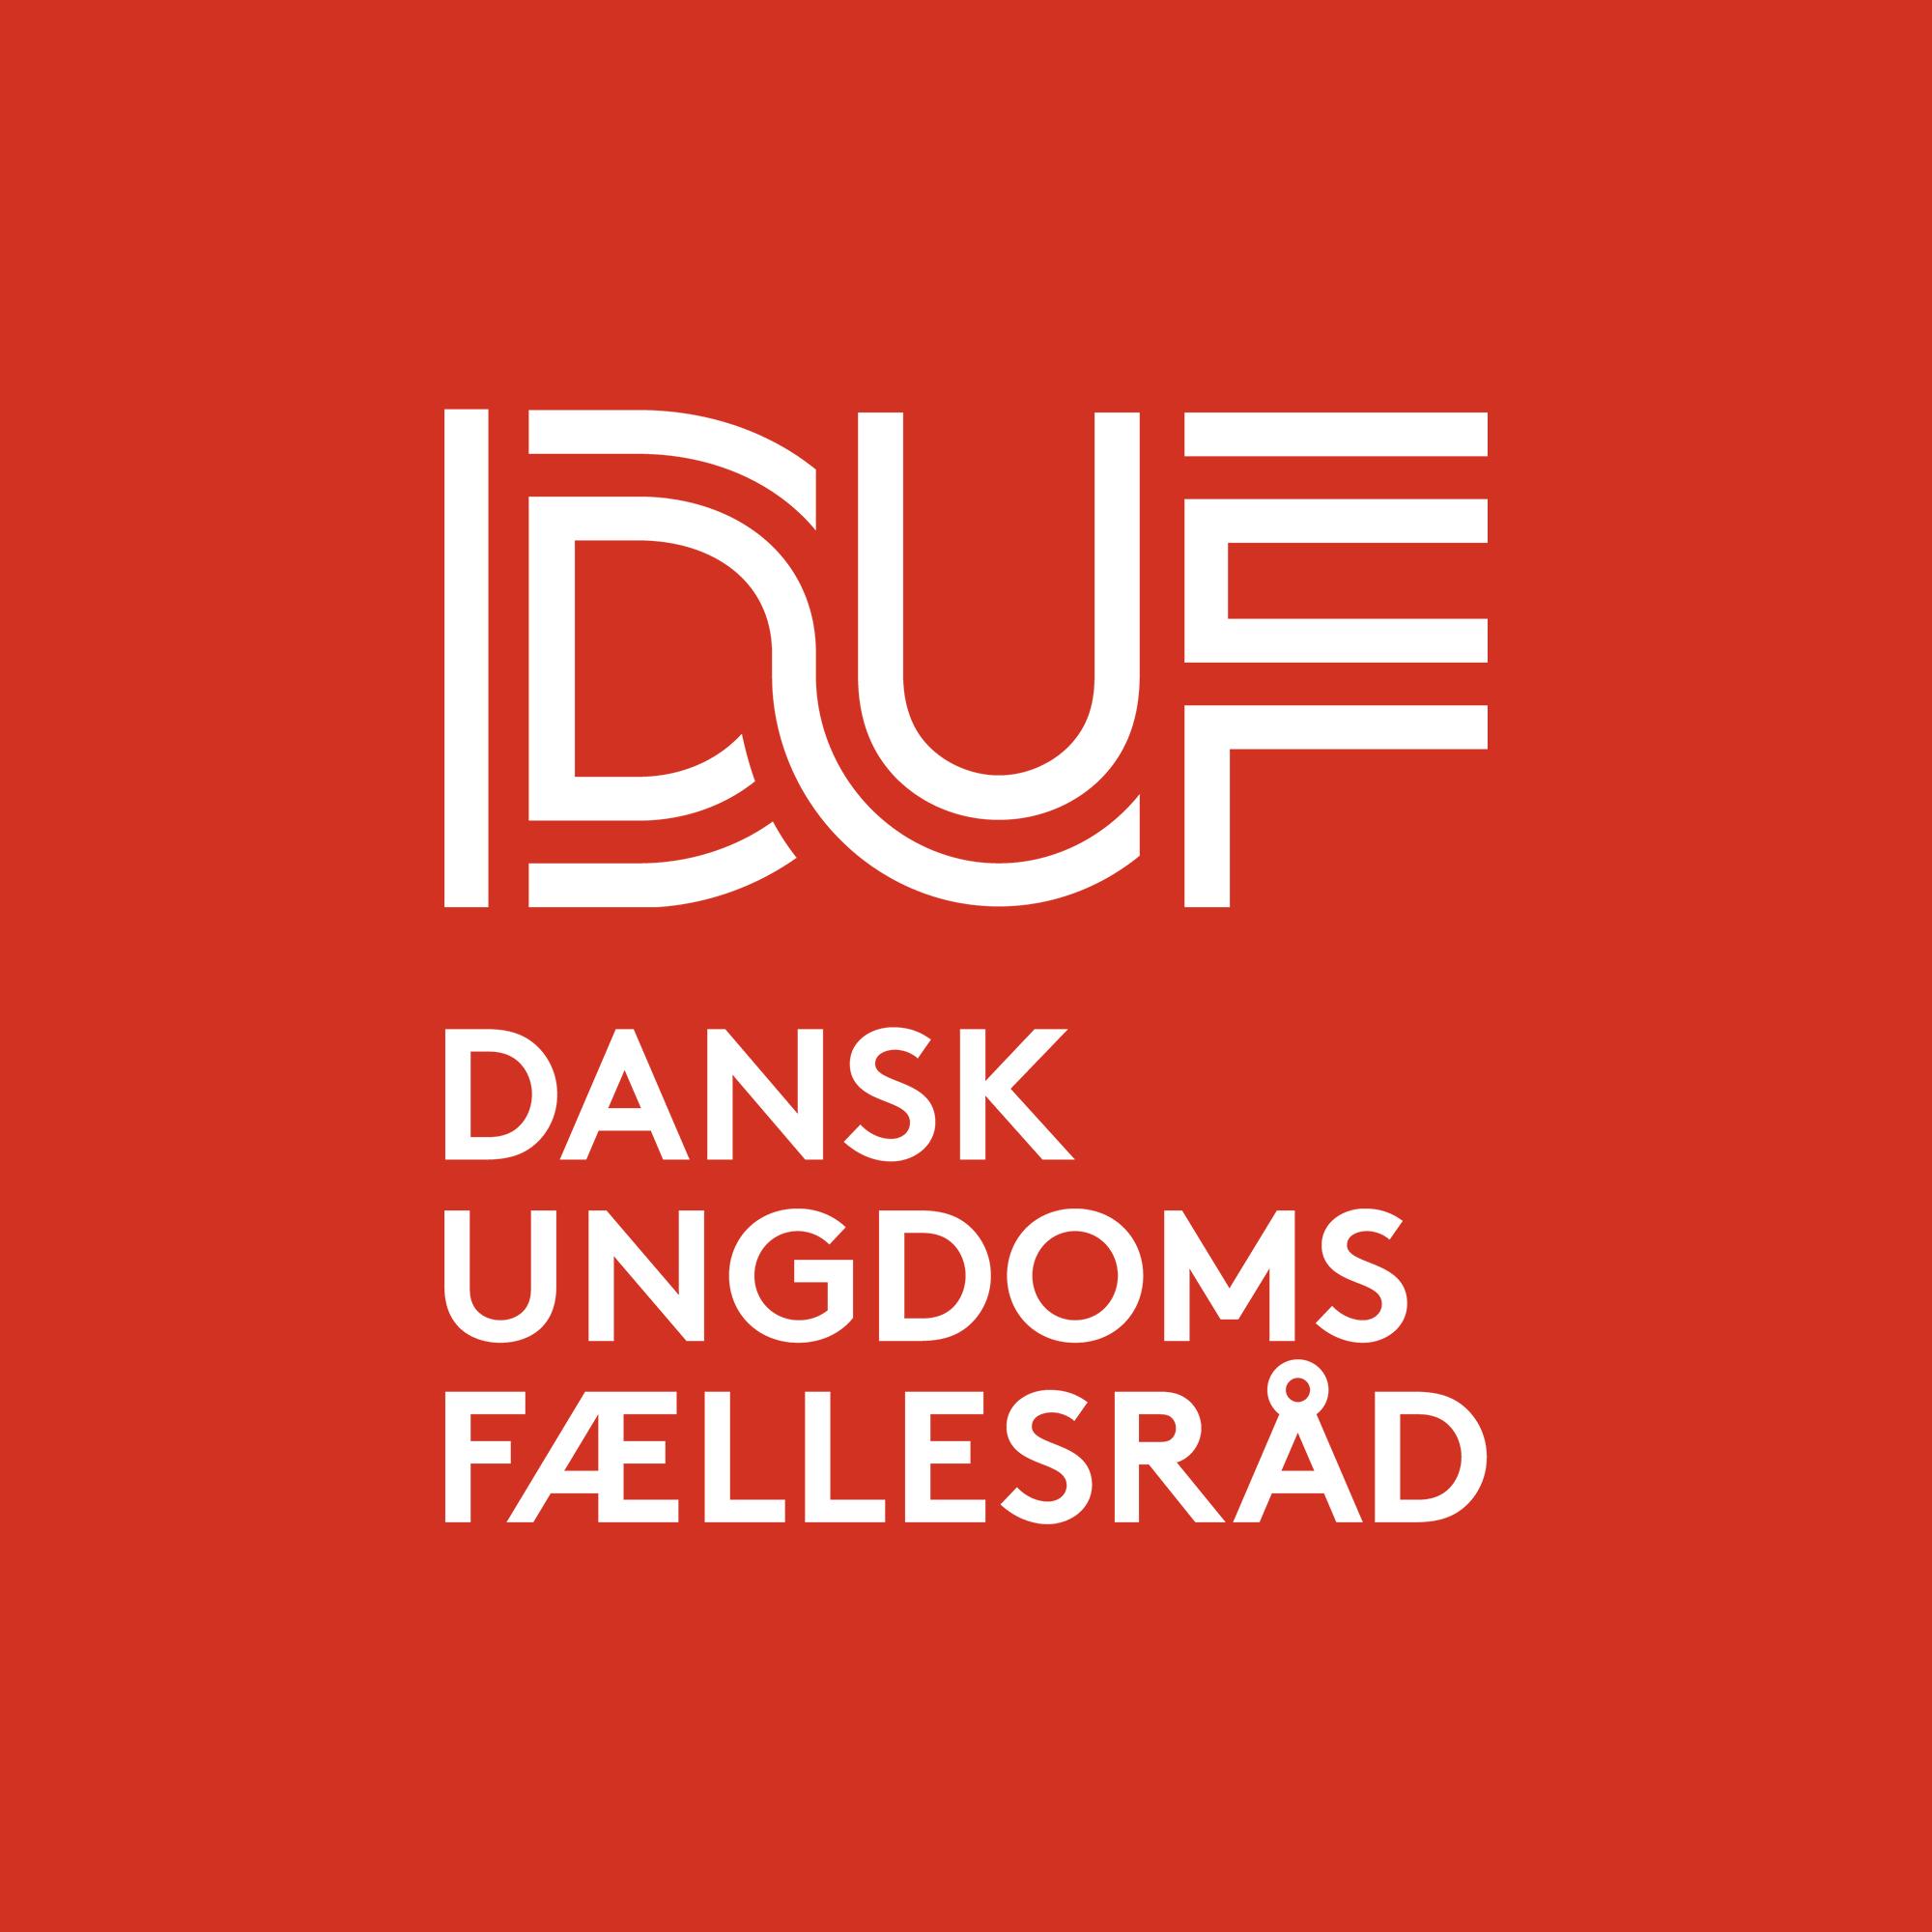 Dansk Ungdoms Fællesråd